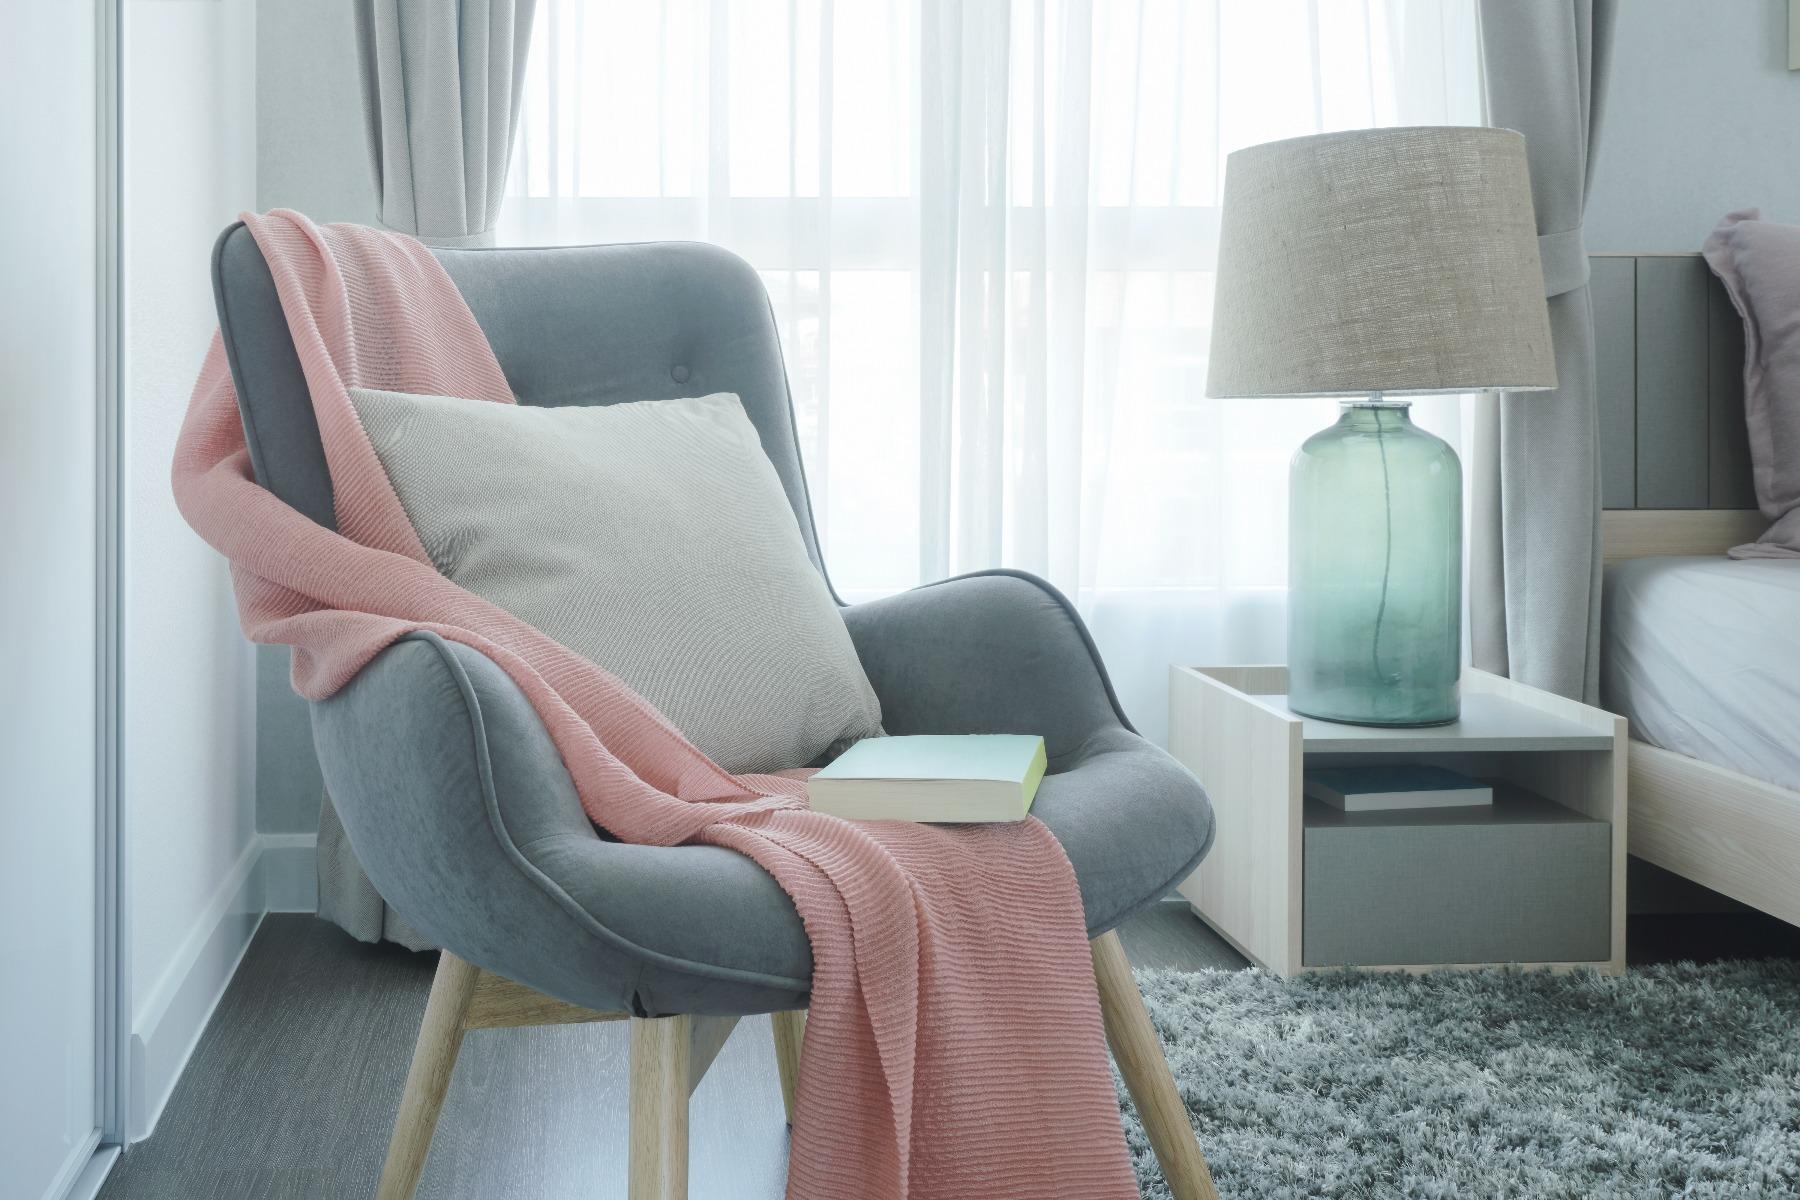 Das Bild zeigt einen Wohnzimmer Sessel in Hellgrau.